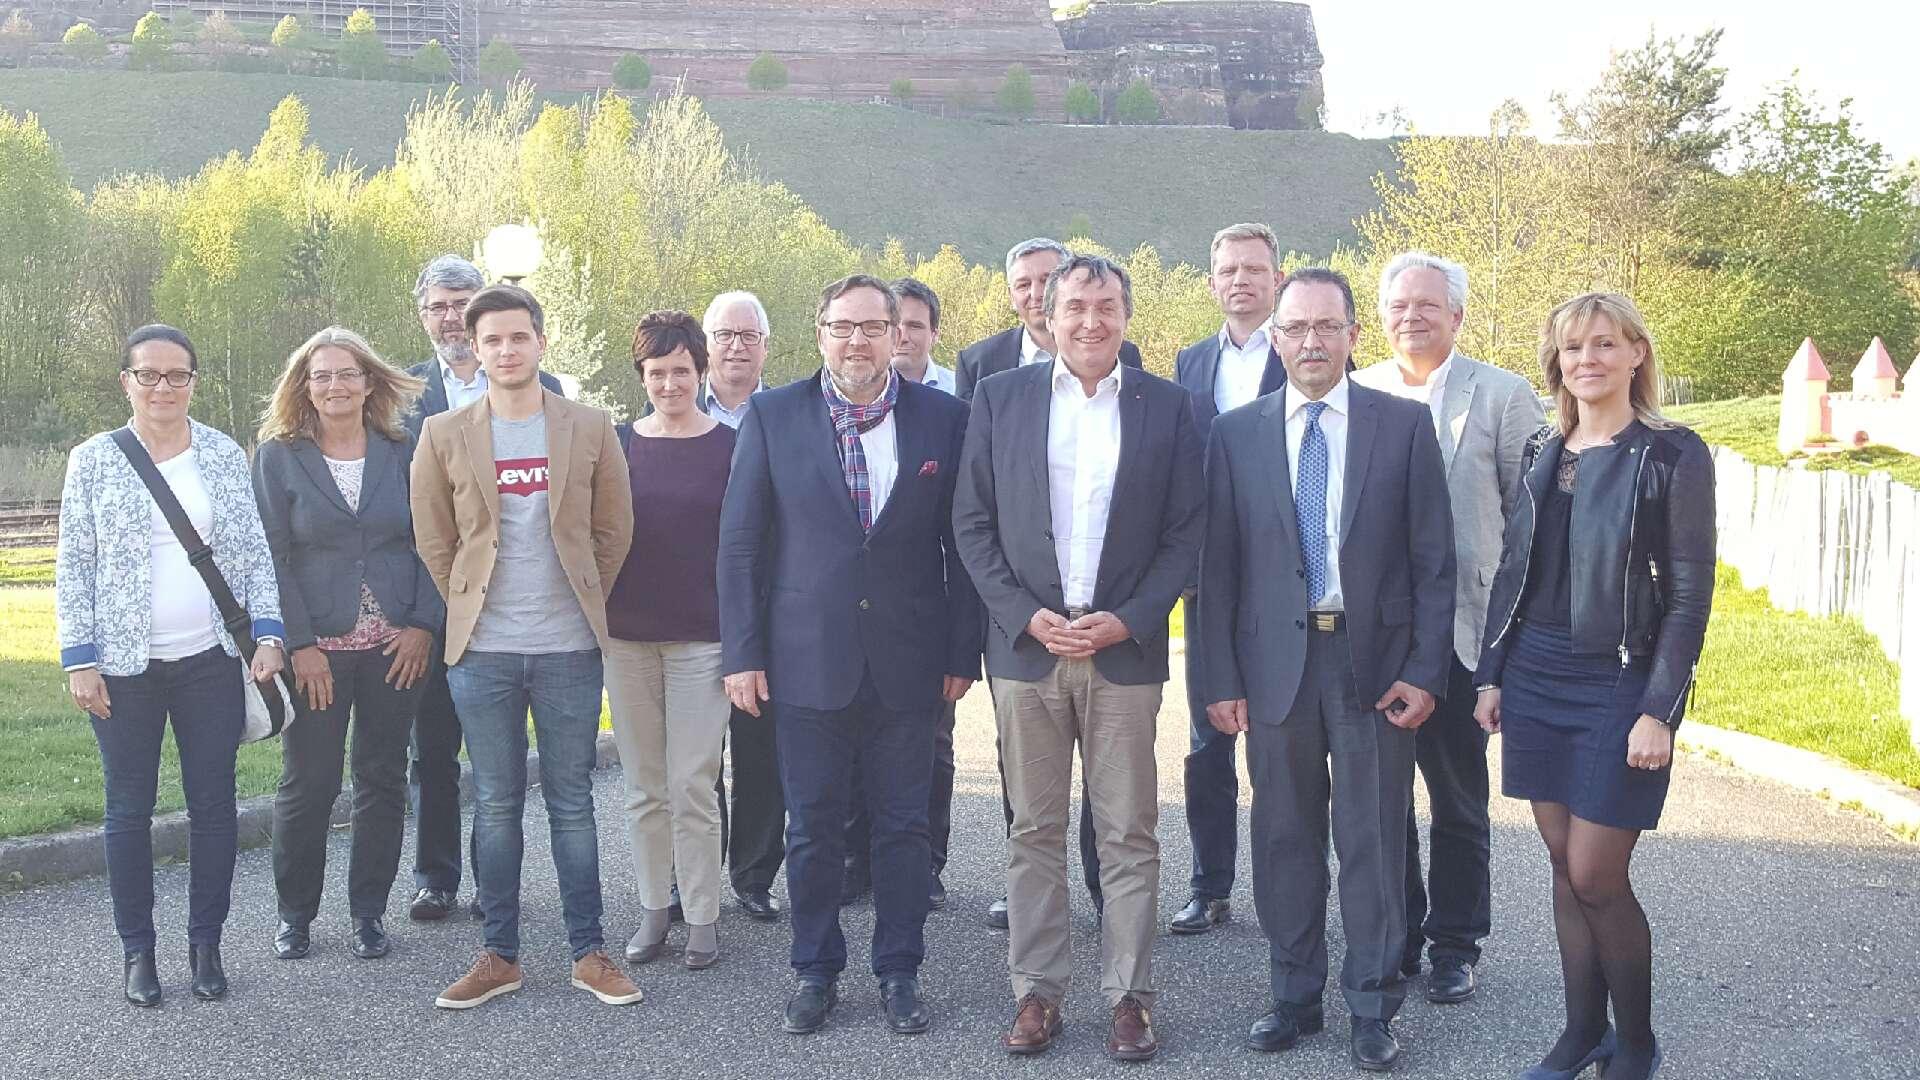 Photo de groupe: Les représentants de la Communauté de Communes du Pays de Bitche, du Saarpfalz-Kreis, de la commune de Soucht, du Groupe Hager et de Hakisa se rencontrent à Soucht en Moselle.